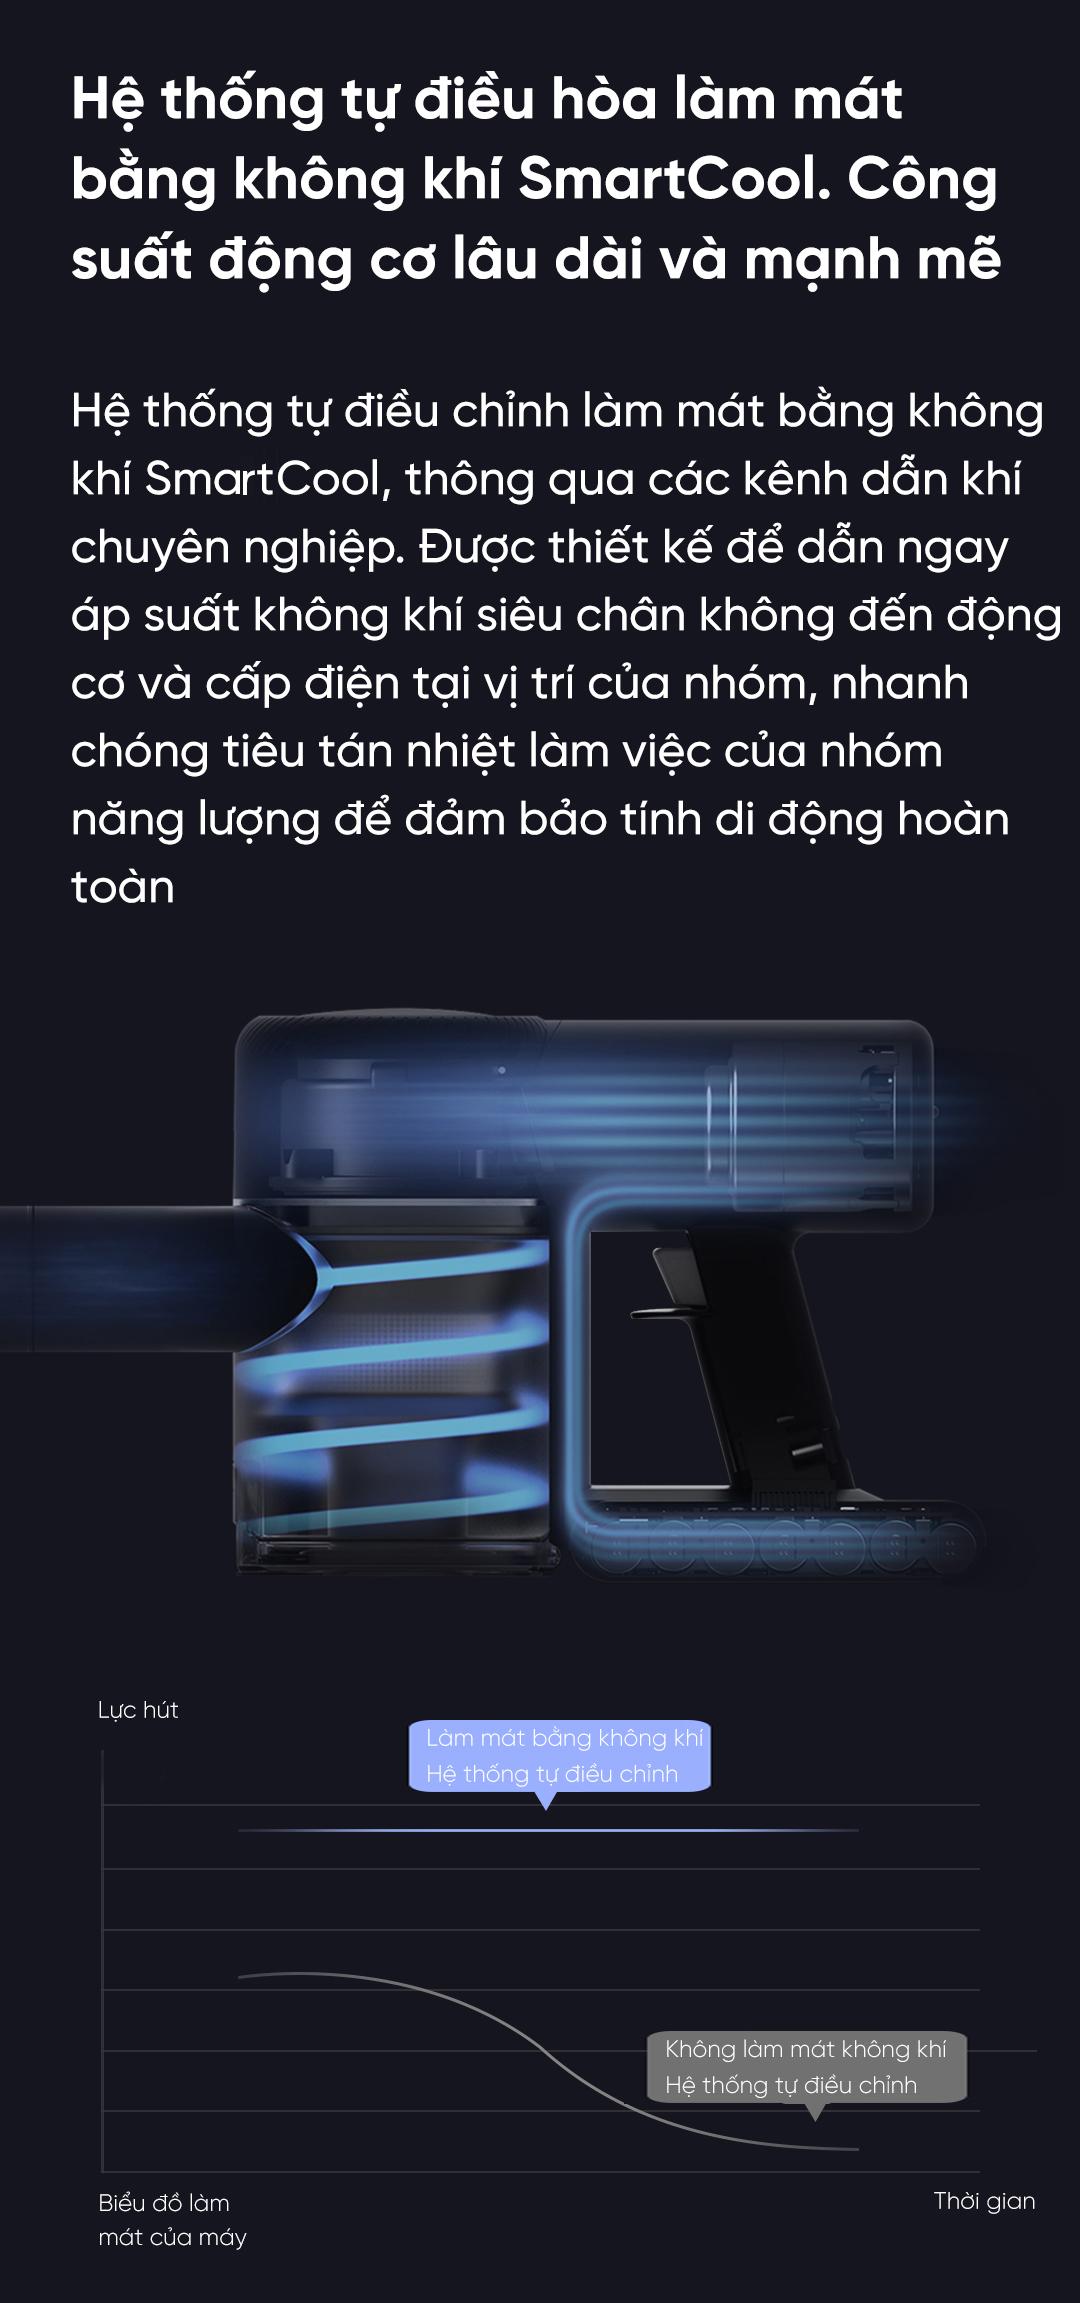 may-hut-bui-khong-day-chasing-v9-06 copy